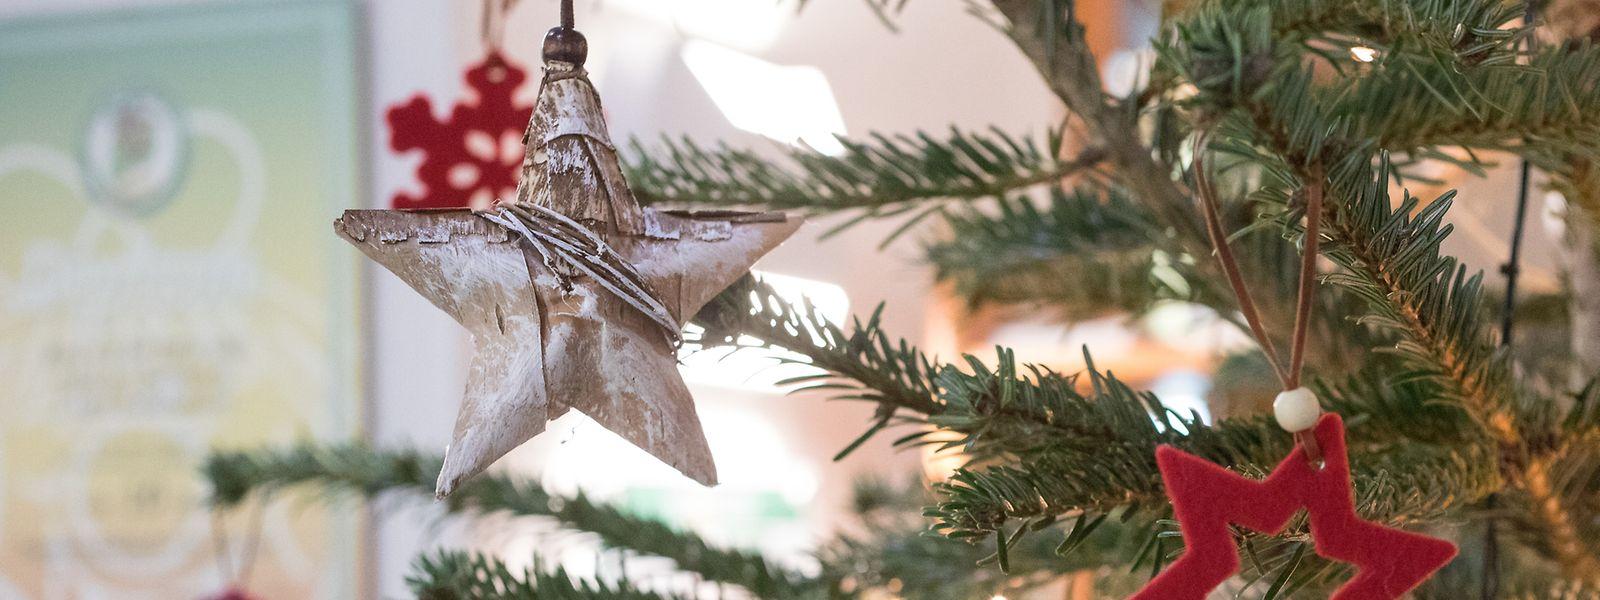 Online sind unzählige Ideen zu finden, wie man selbst Weihnachtsdeko herstellen und so seinen Christbaum nachhaltig schmücken kann.